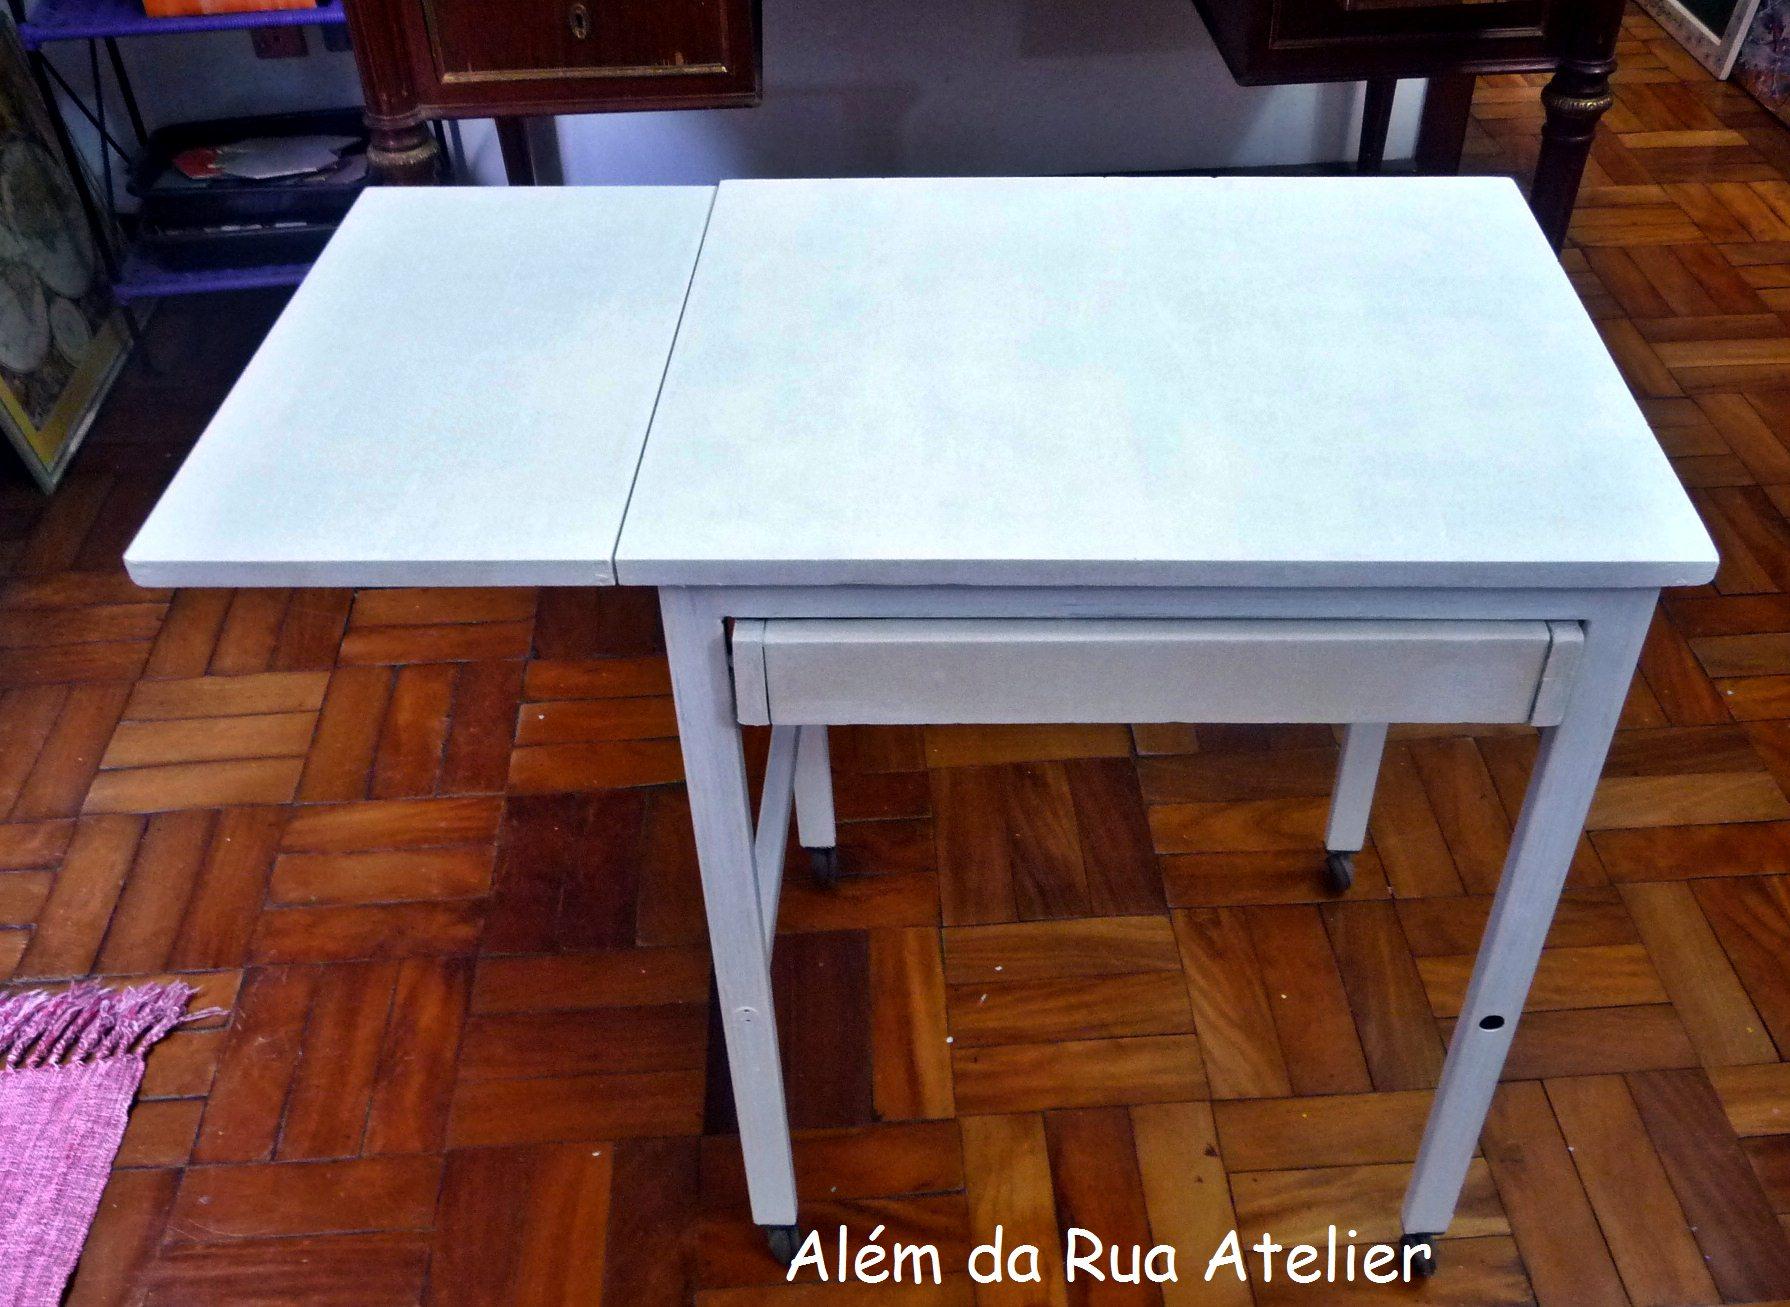 Restauração e reciclagem de uma mesa antiga com passo a passo  #2081AB 1790x1307